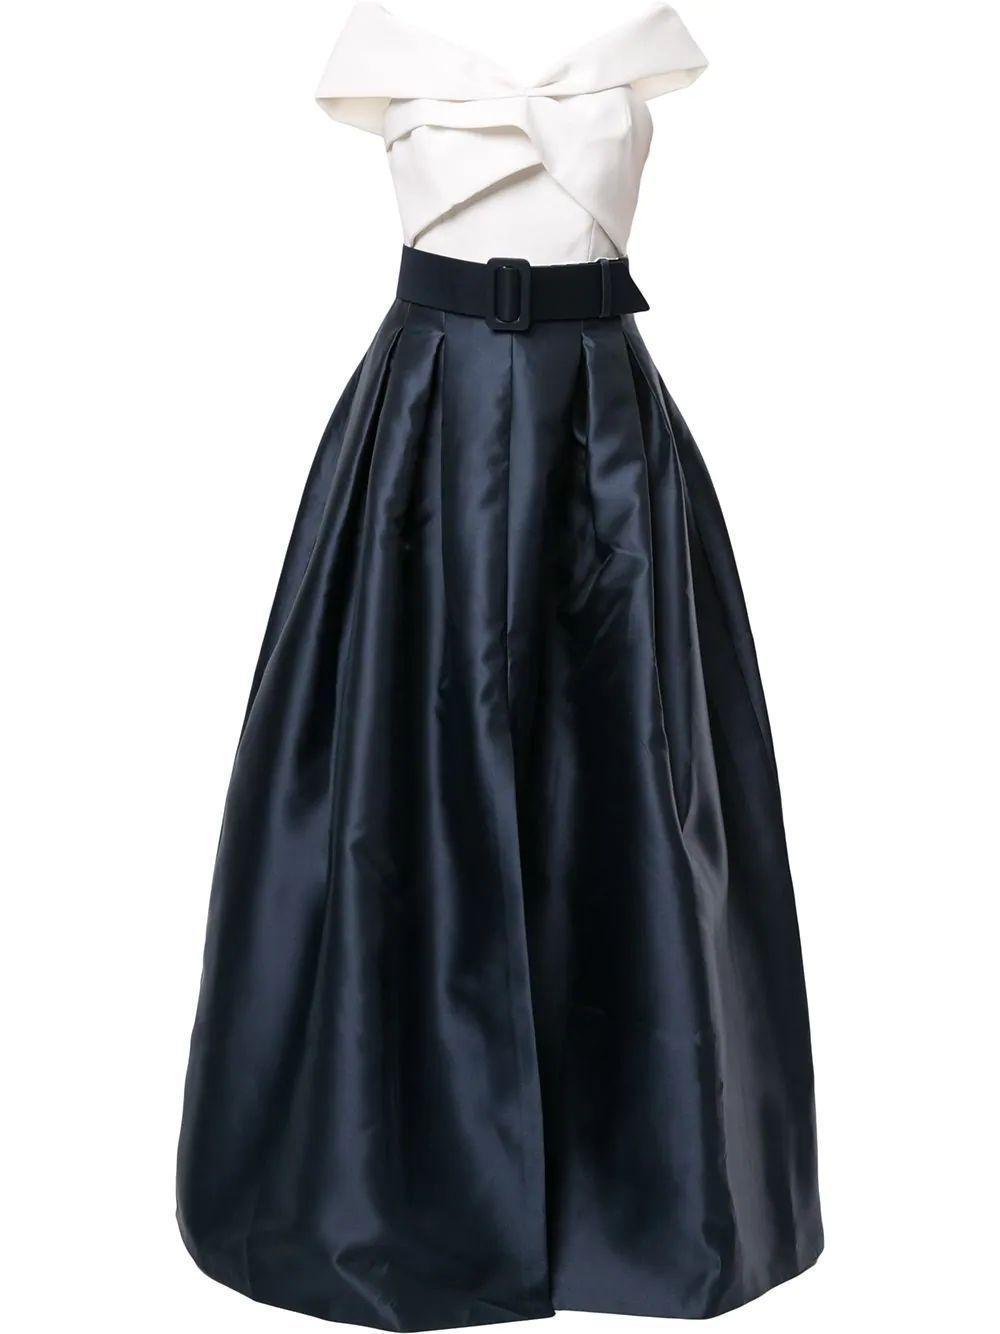 Livi Belted Ballgown Item # T01G11